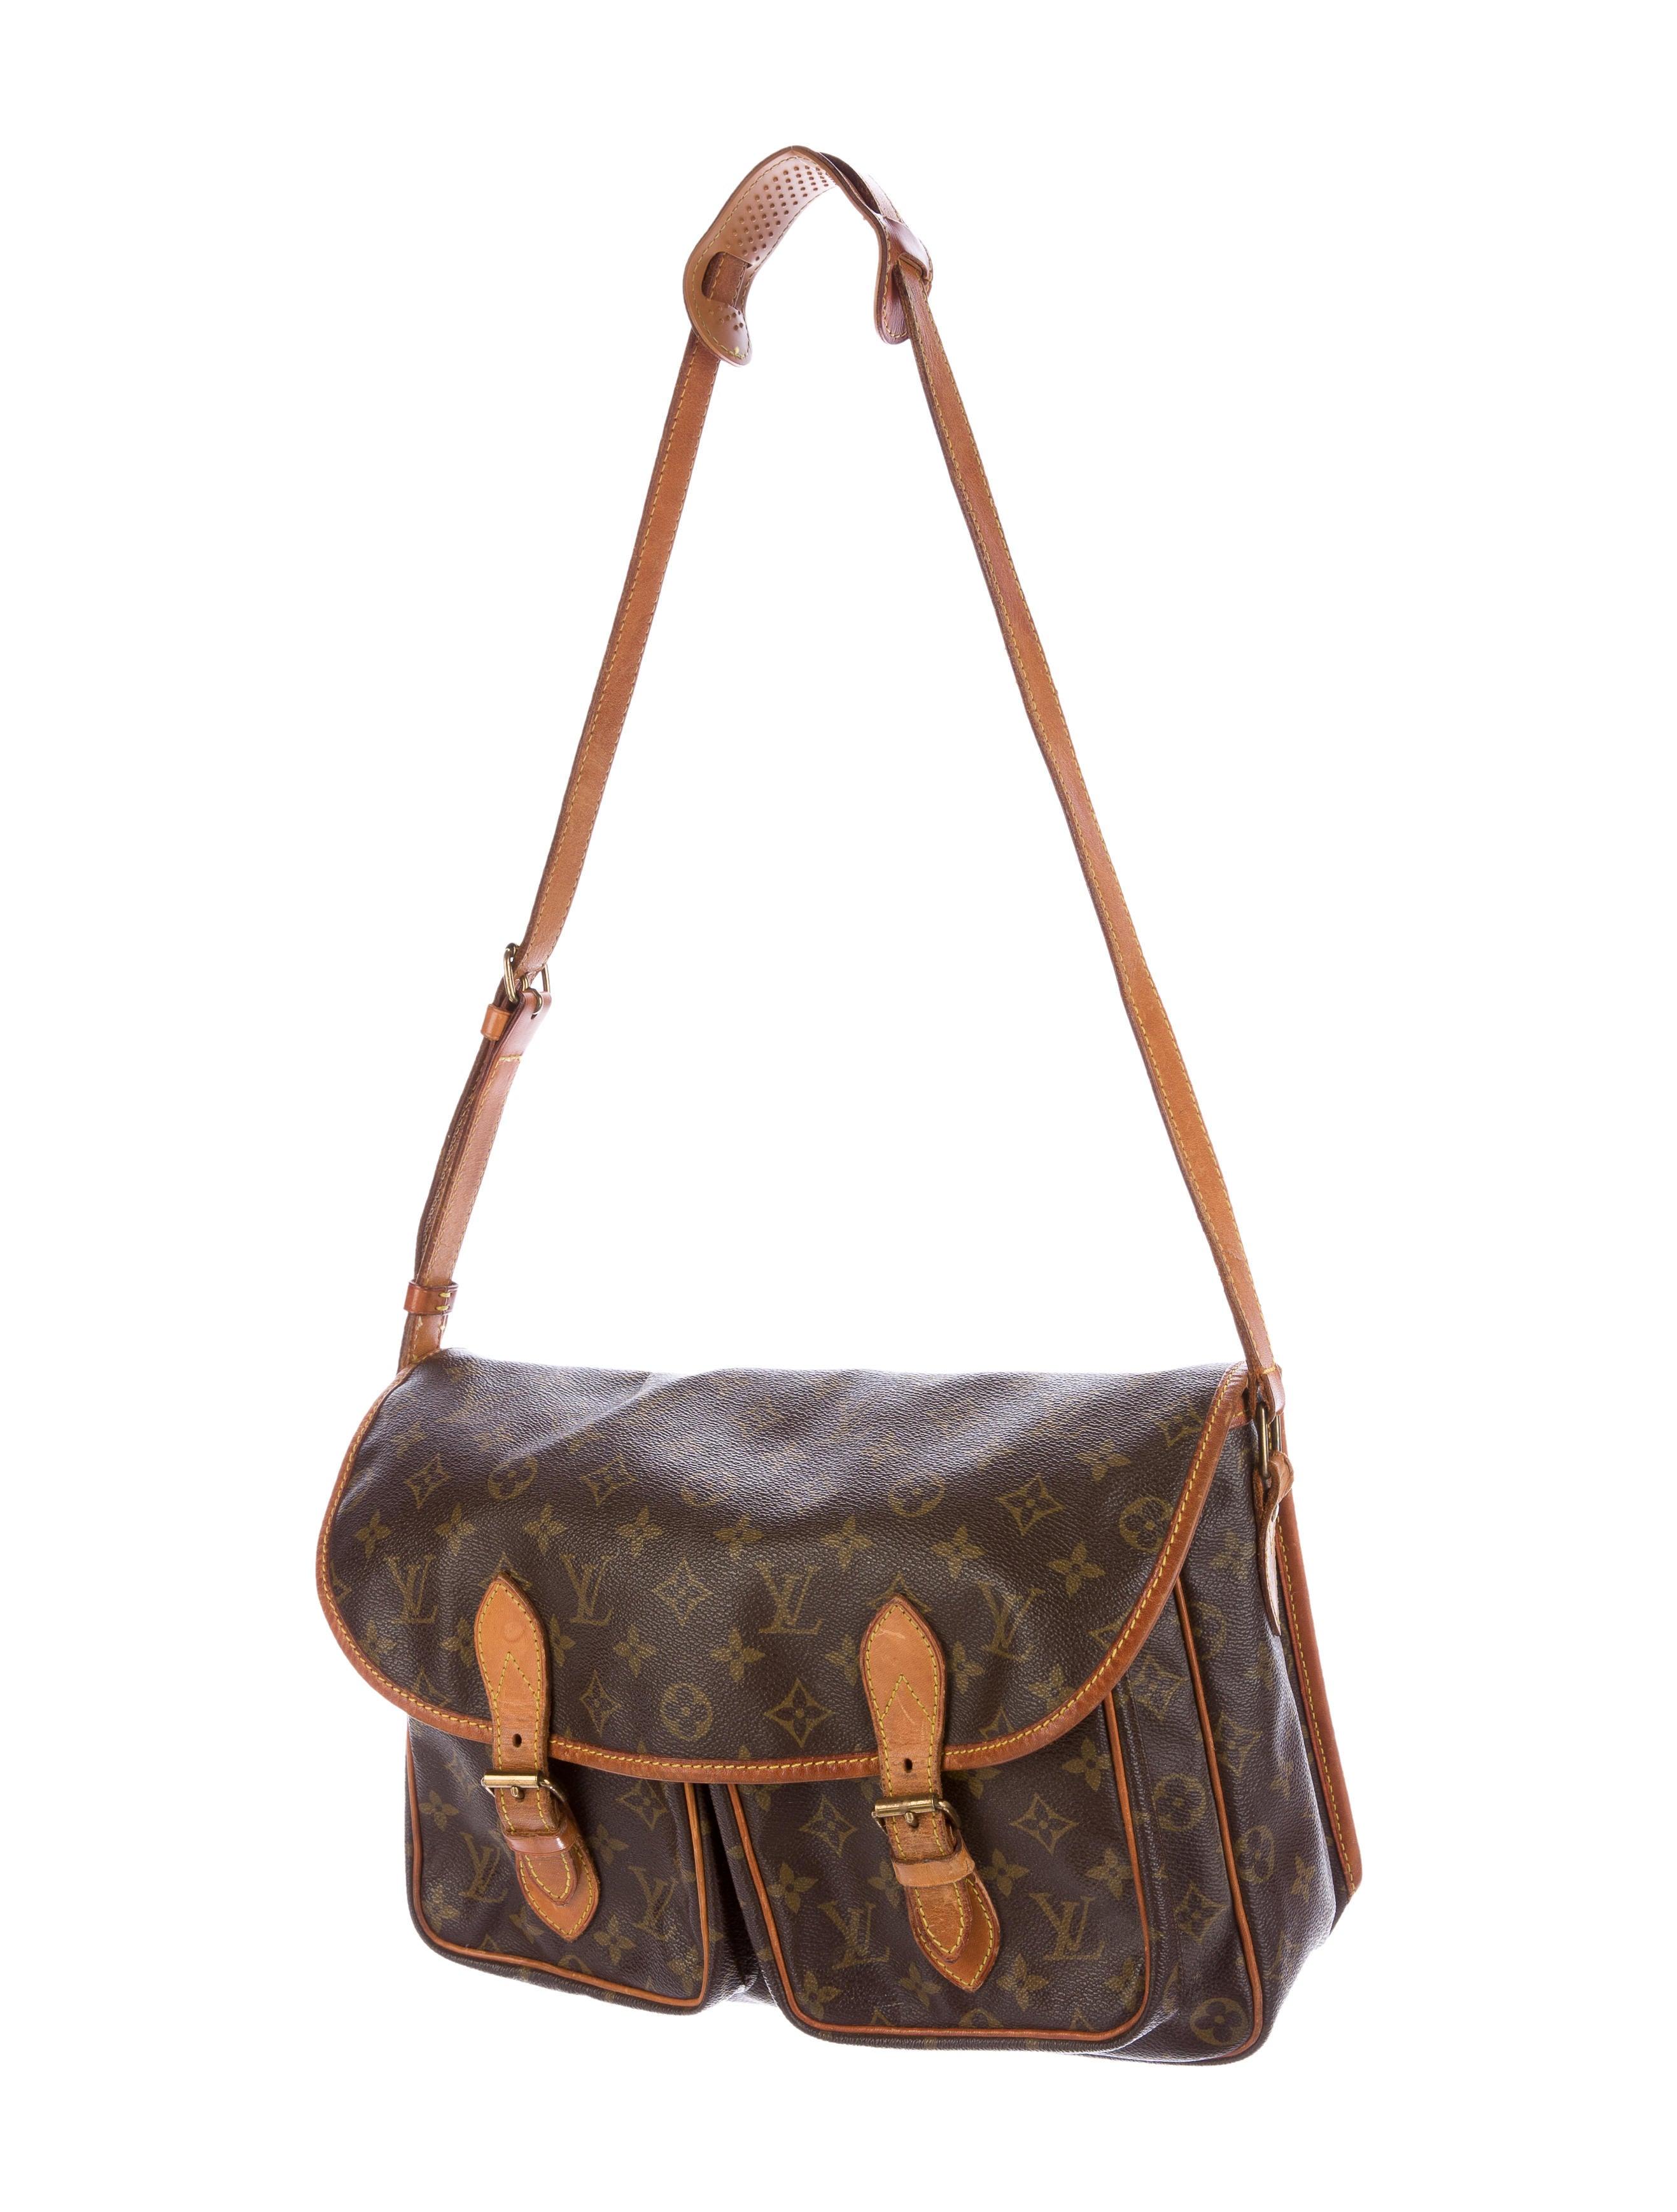 Sac Louis Vuitton Matelassé : Louis vuitton monogram sac gibeciere mm bags lou